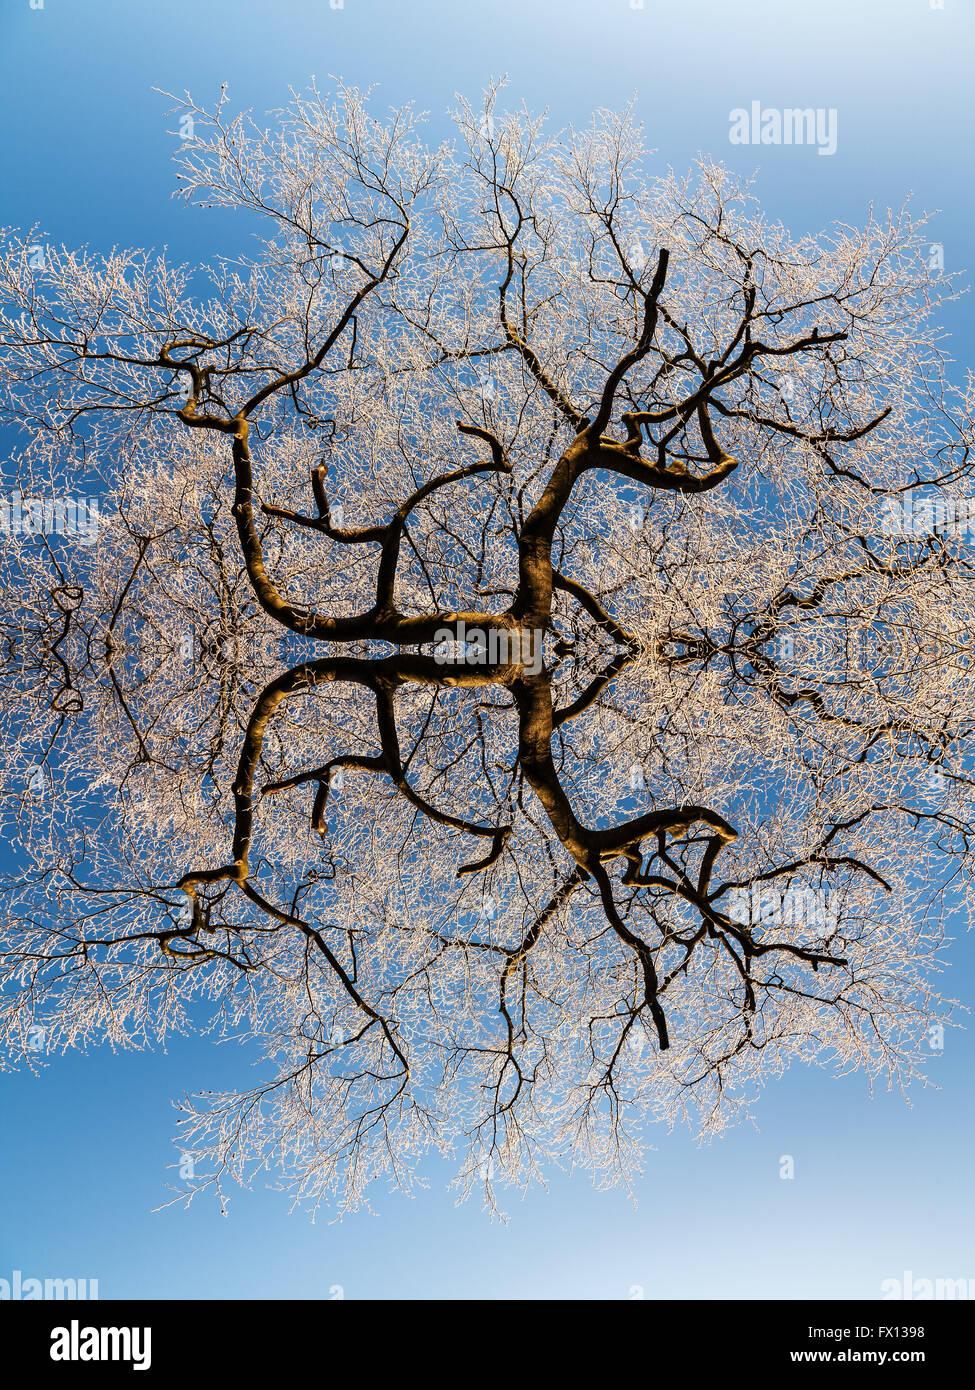 Ein Kahler Baum bedeckt in Frost, spiegelt sich in der Postproduktion für einen surrealen Effekt Stockbild